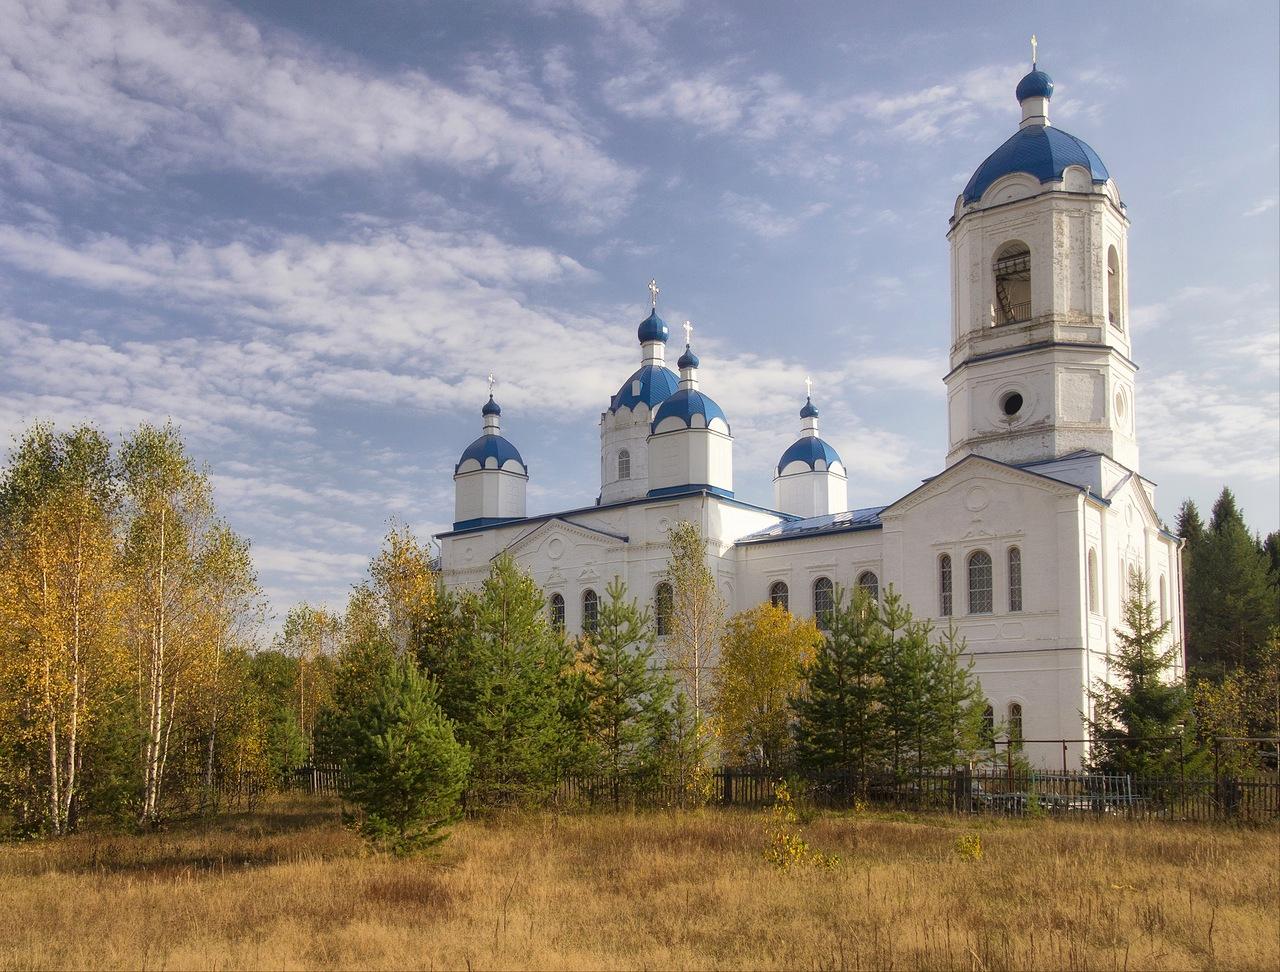 Церковь Введения Пресвятой Богородицы во Храм в д. Байдарово